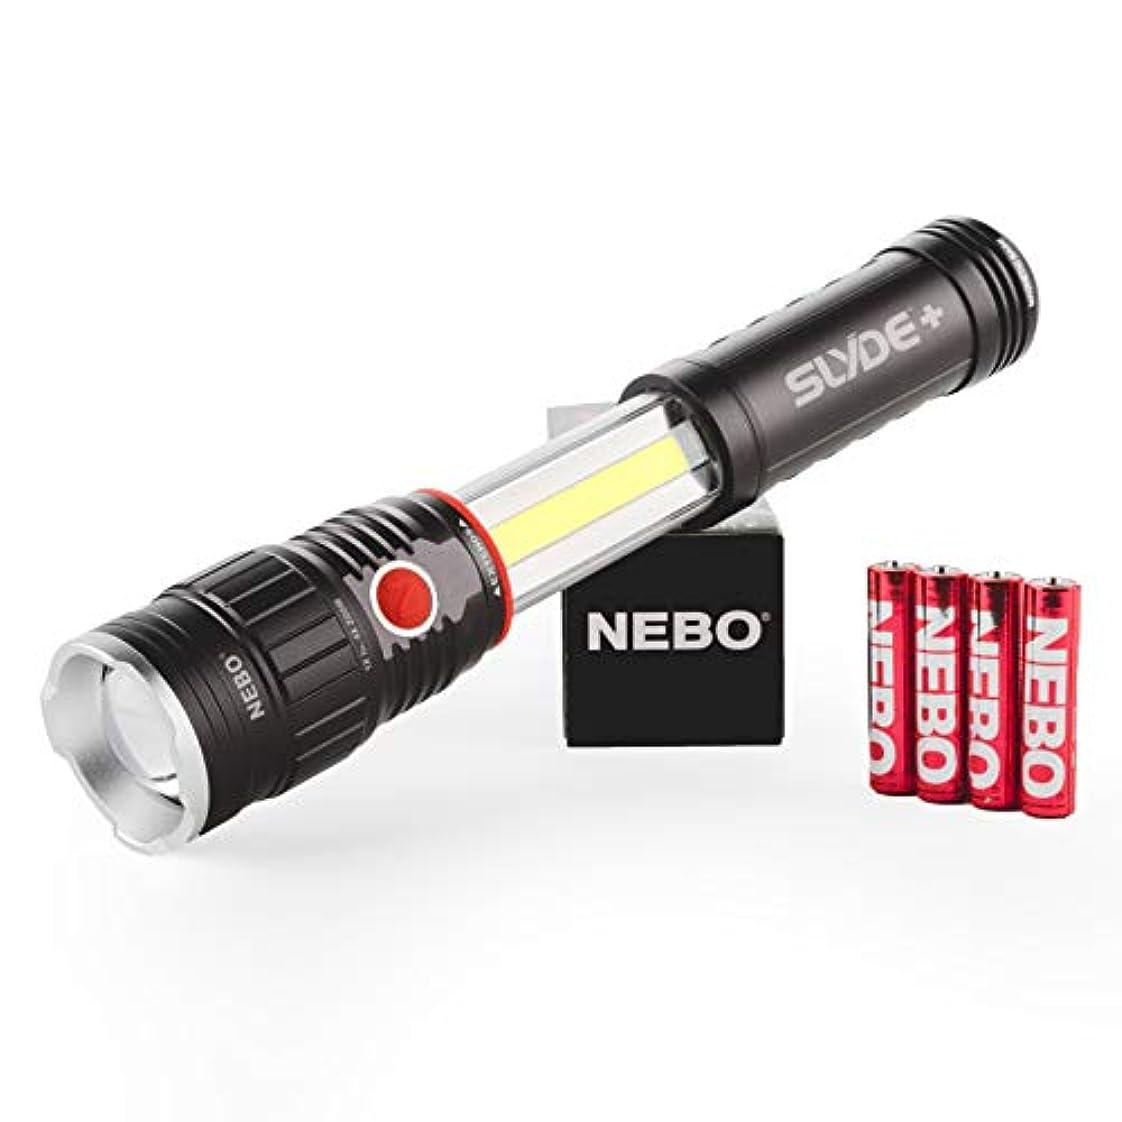 振る舞うロードハウス精度Nebo NB6267 スライド式 懐中電灯 作業灯 ハイパワー250ルーメンLED ハイパワー190ルーメンCOB マグネット